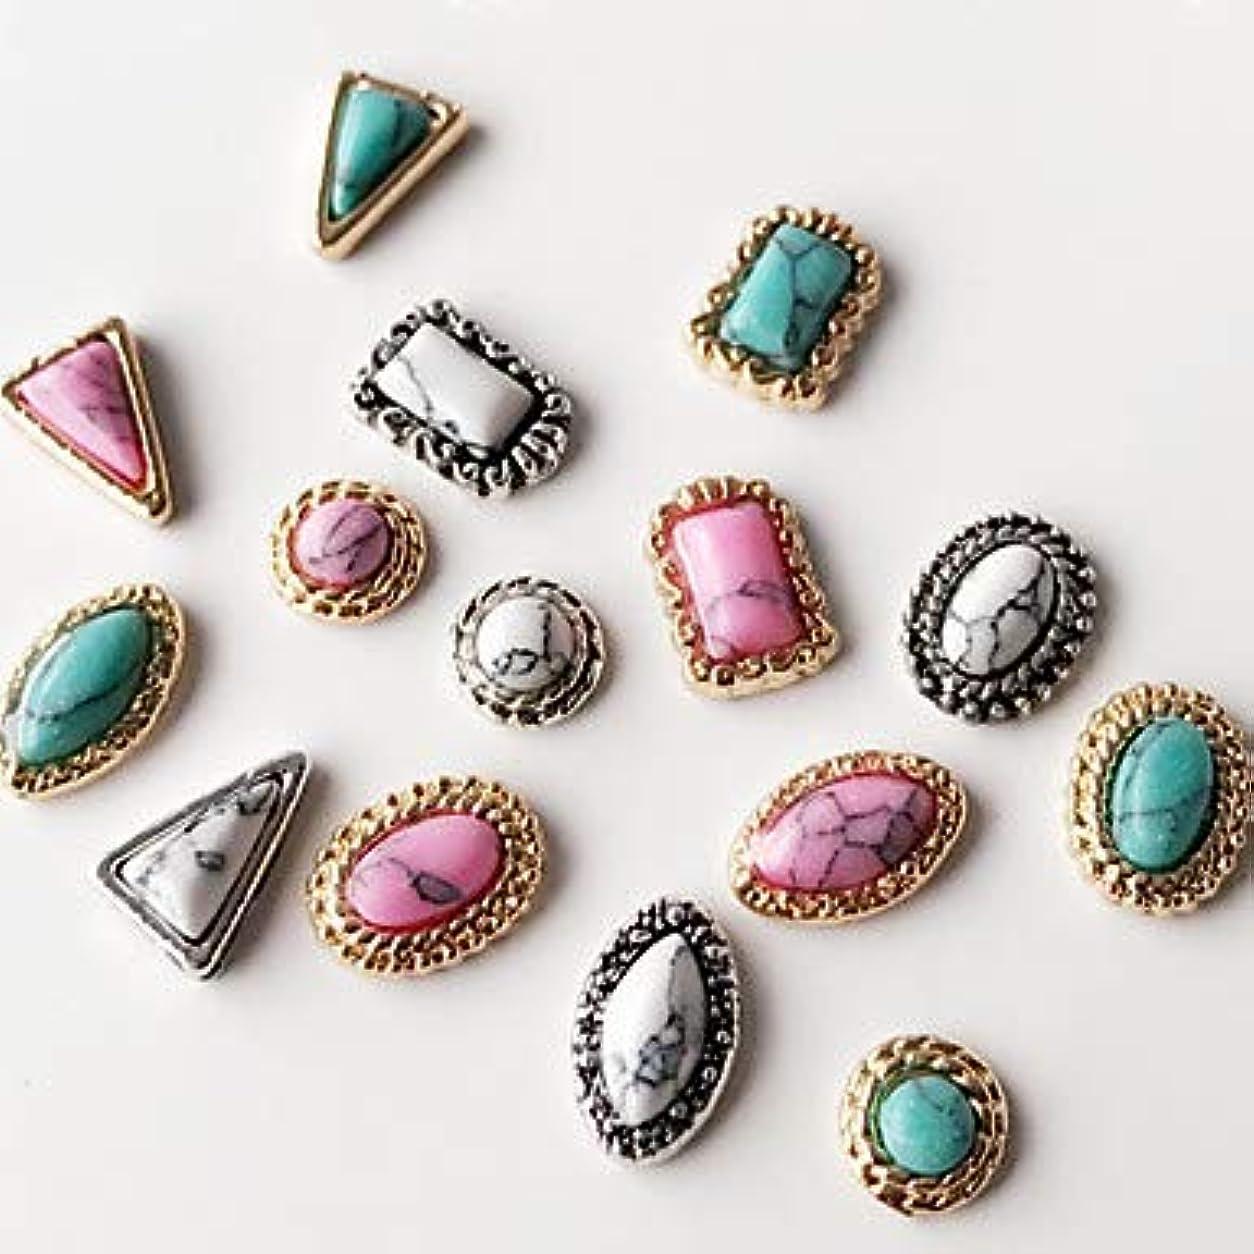 によるとショートカット派手10個混合スタイル混合色古代の宝石ネイルアートの装飾に戻ります